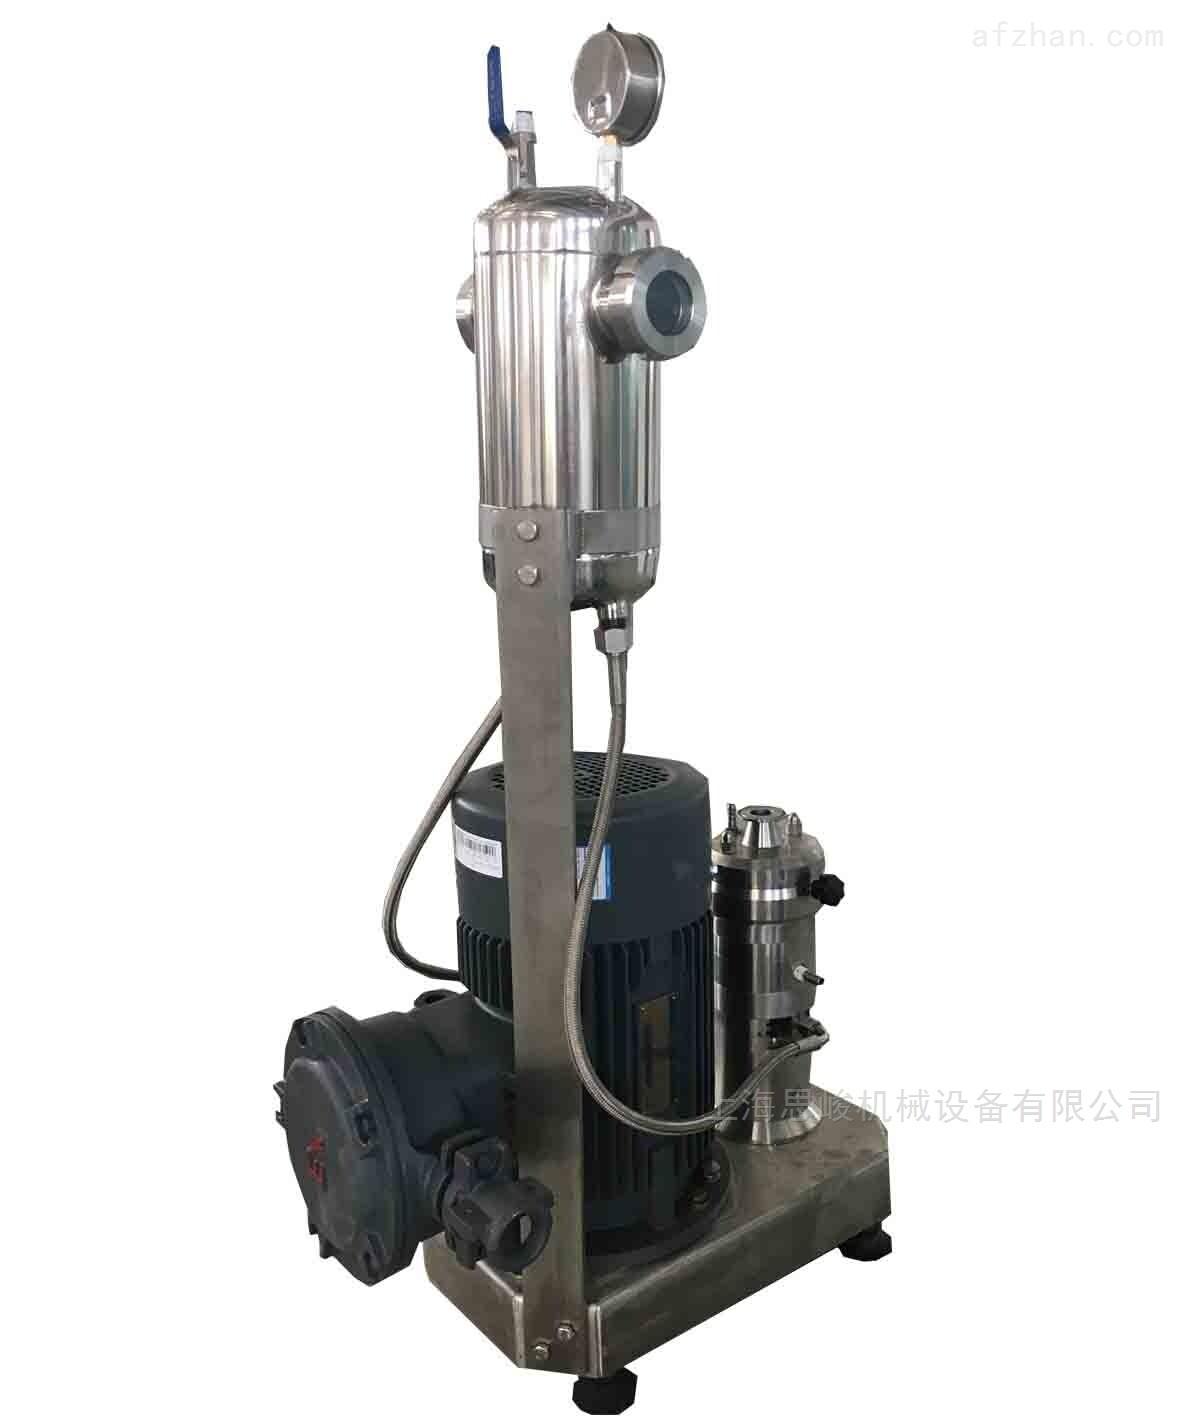 溶胶定转子剪切高速研磨机